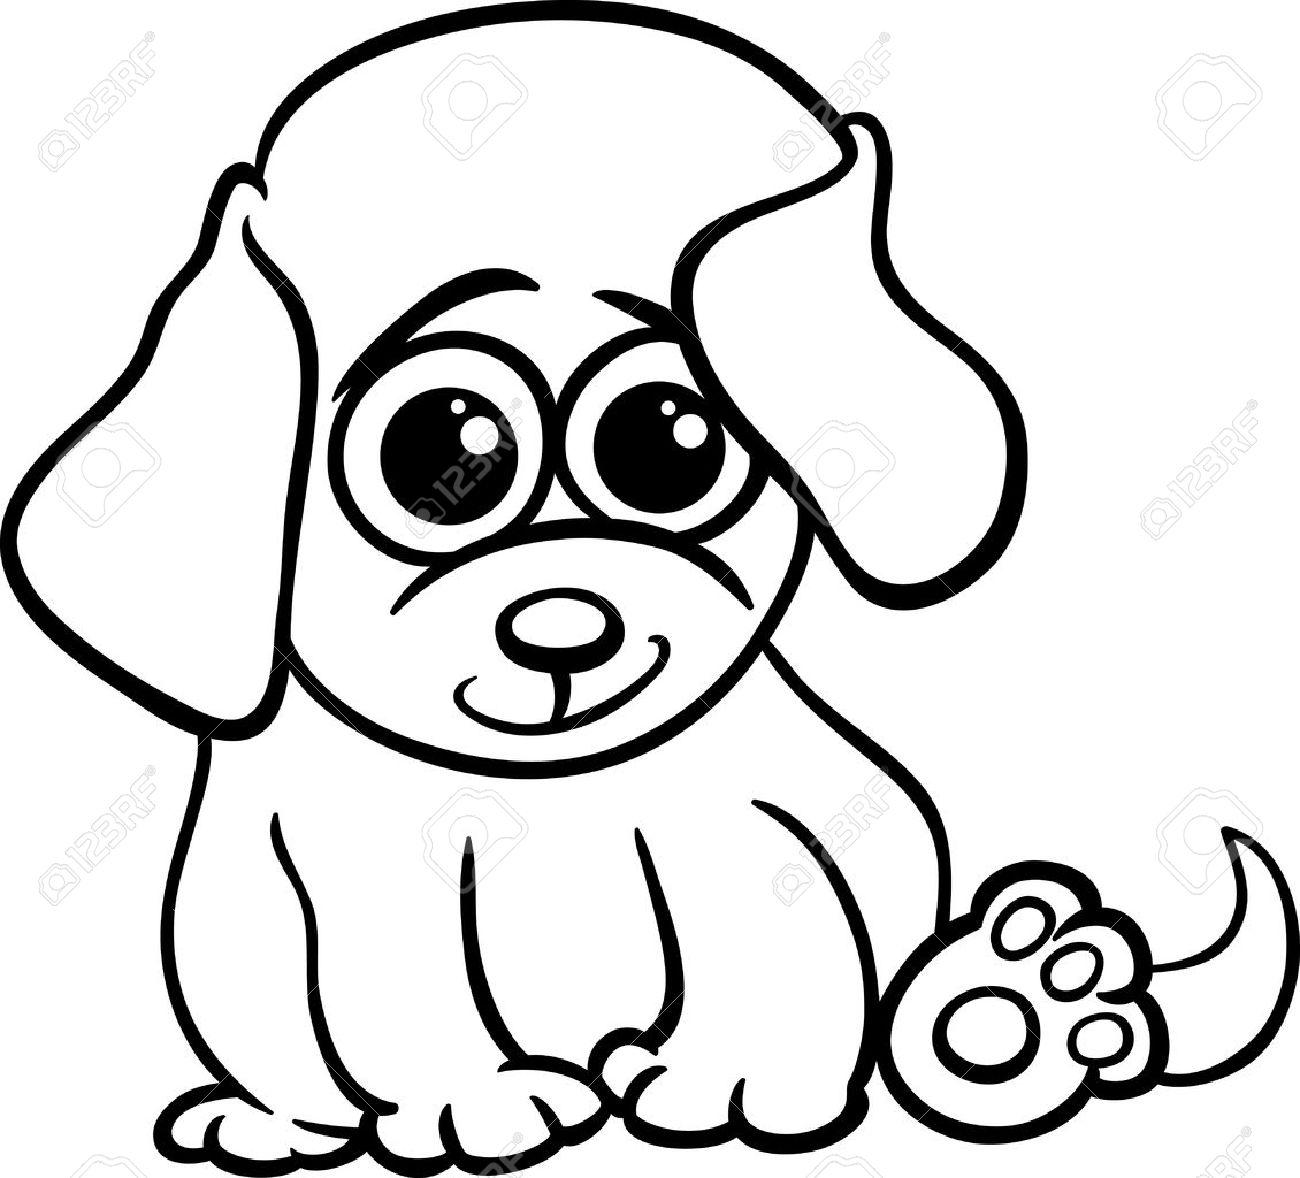 dessin anime noir et blanc illustration de mignon petit bebe animal chien ou chiot pour coloring book